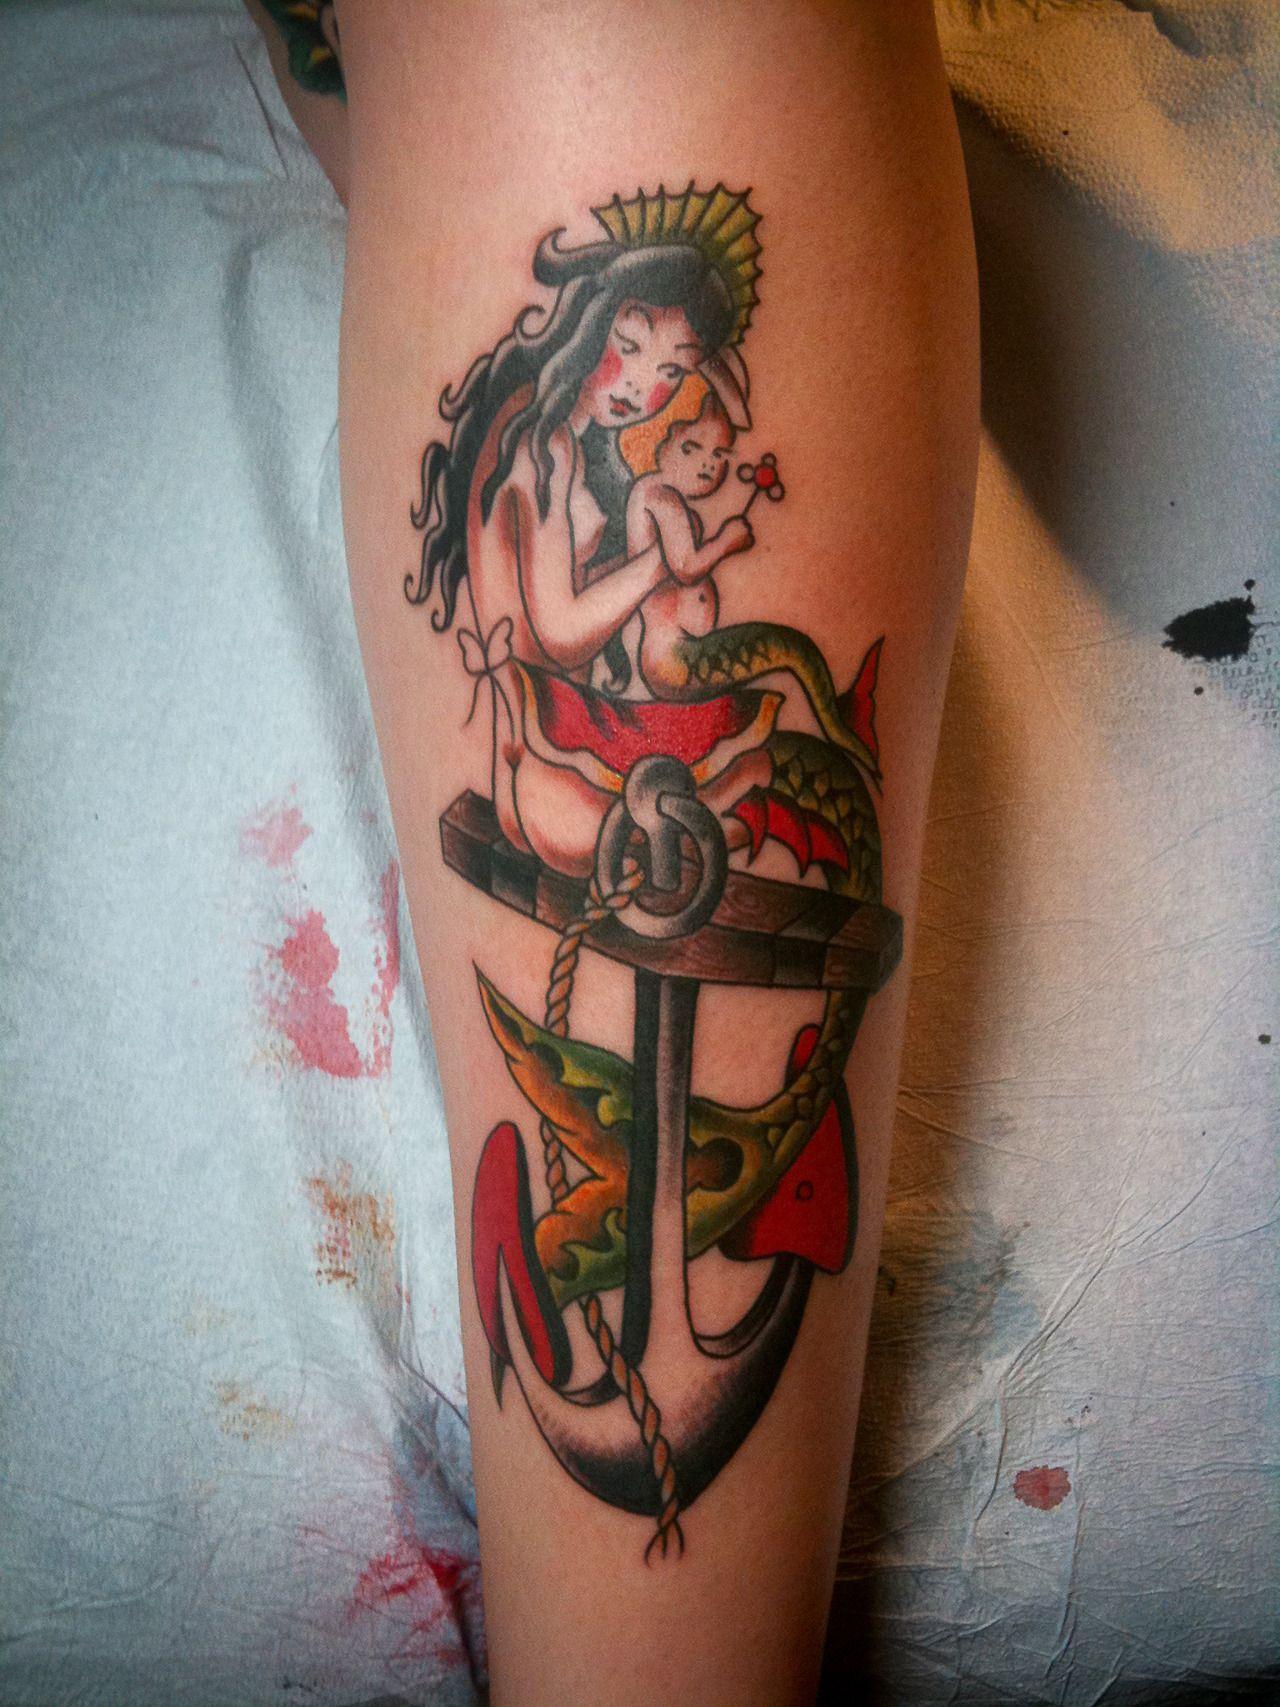 Sailor Jerry flash. | Tattoos, Tattoo skin, Mermaid tattoos